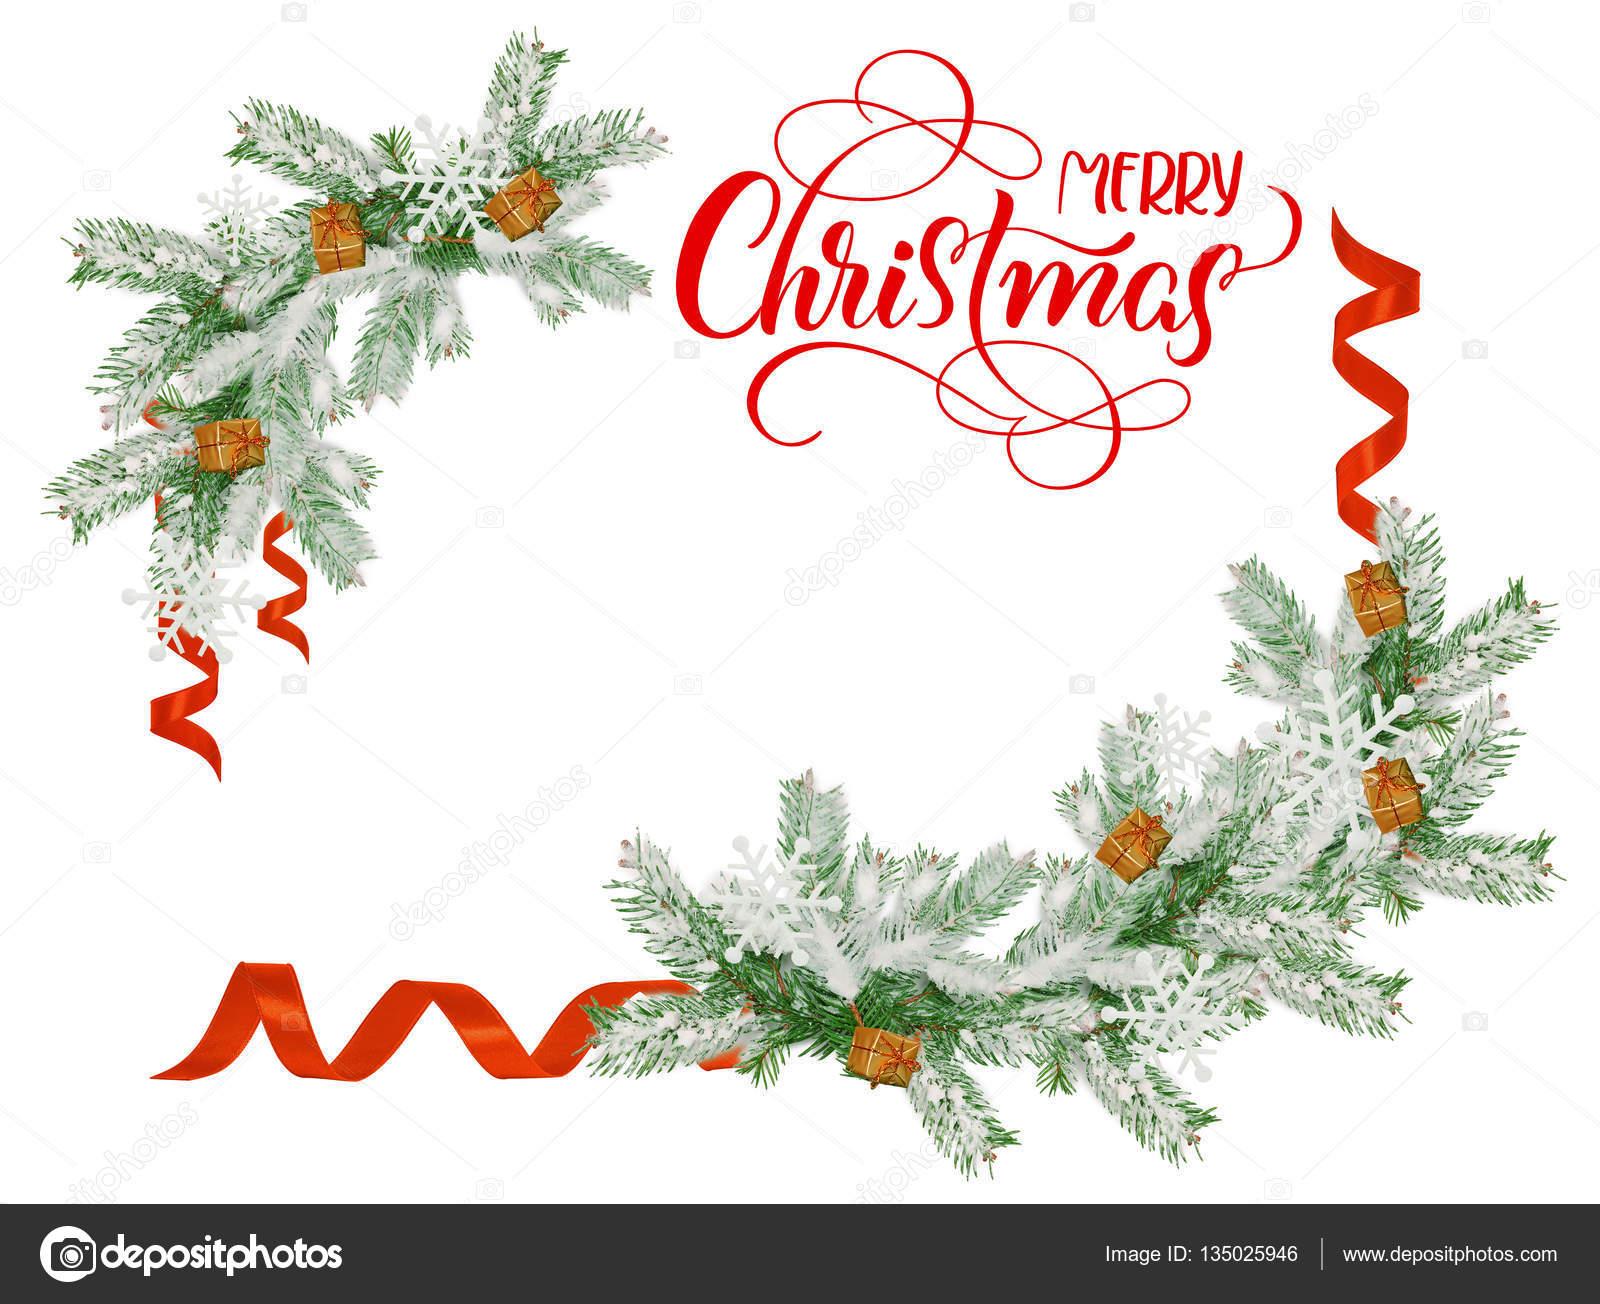 Frohe Weihnachten Rahmen.Rahmen Sie Für Tannenzweige Mit Frohe Weihnachten Und Ein Platz Für